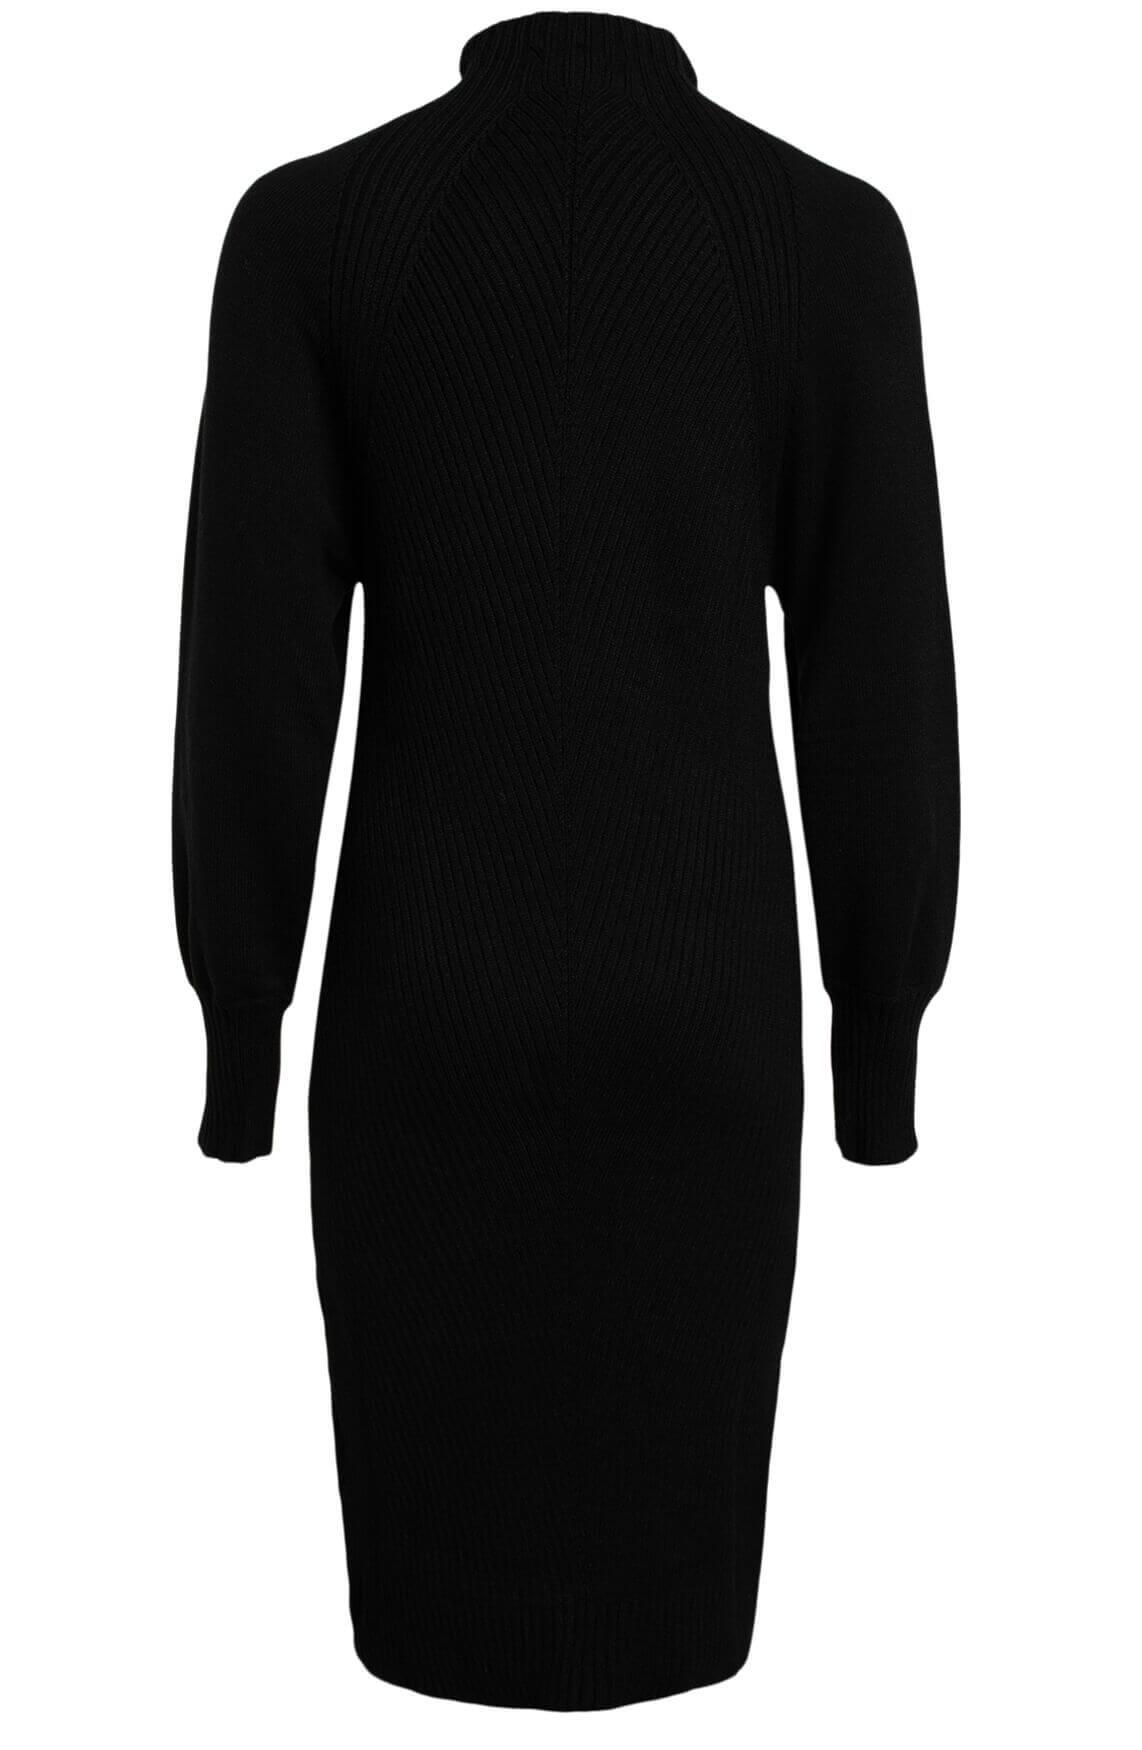 Anna Dames Fijngebreide jurk zwart